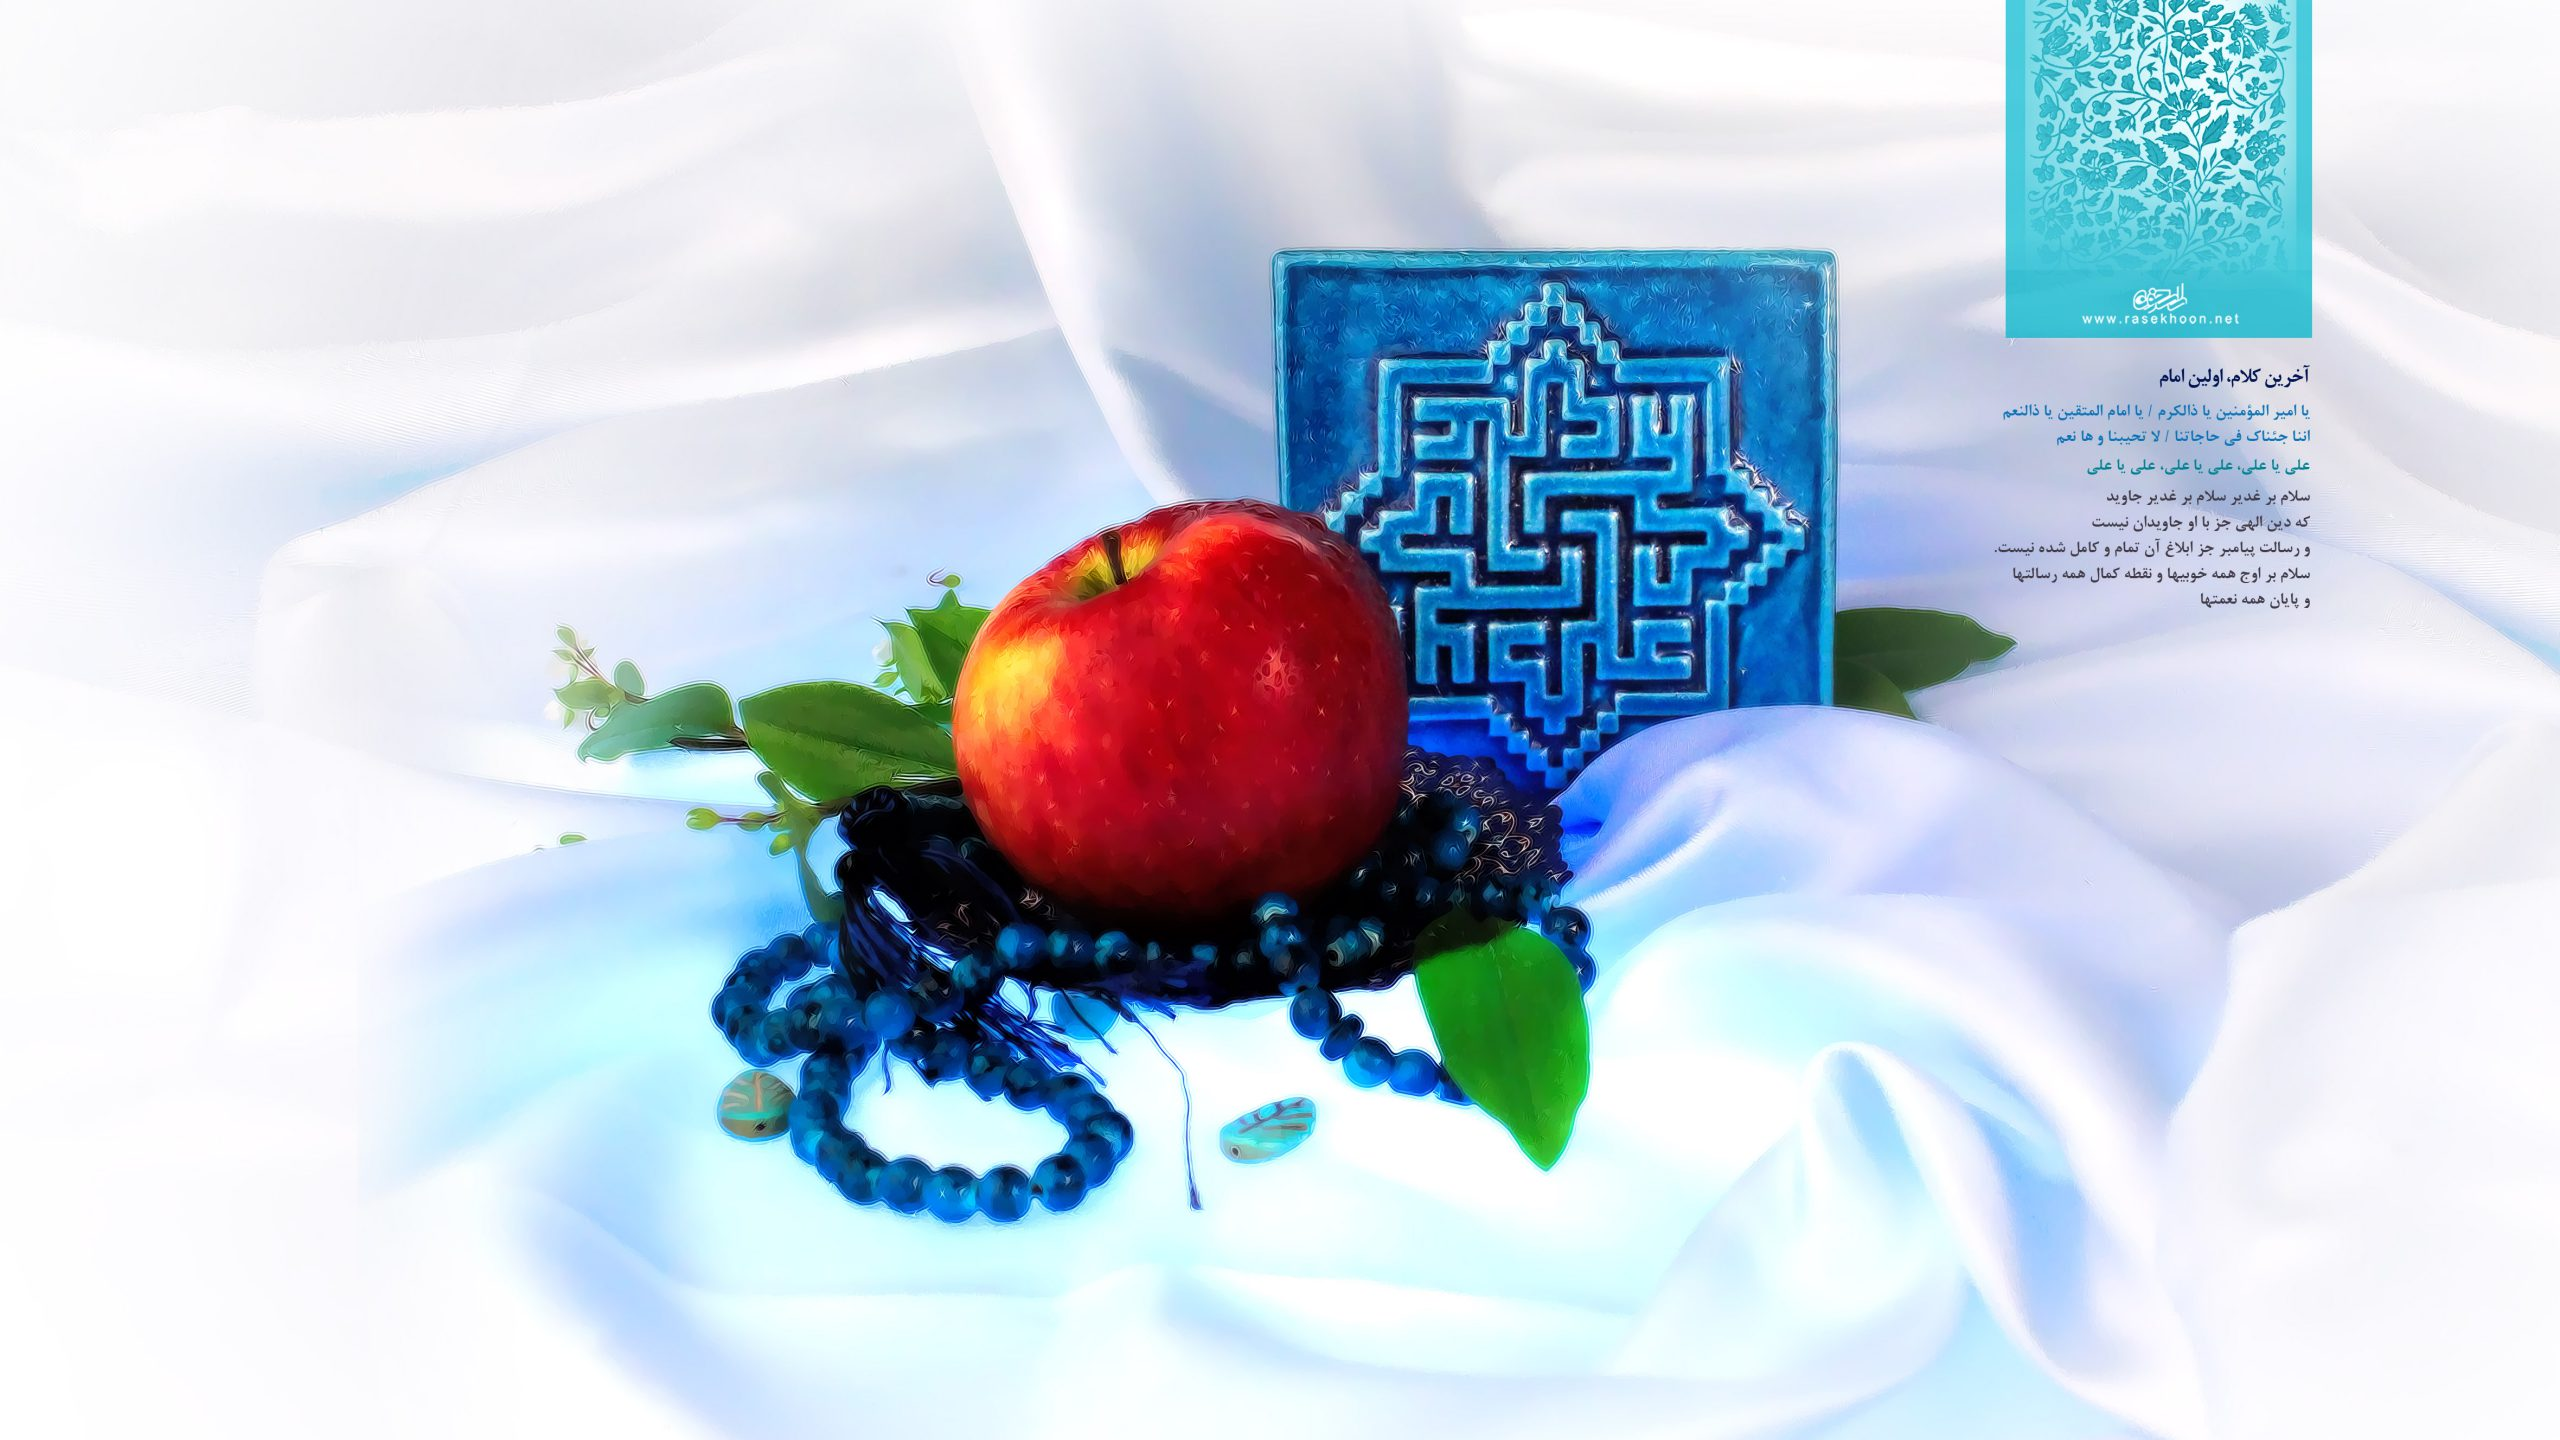 ۱۳رجب ولادت حضرت علی (ع) ویژه نامه ولادت امیرالمومنین علی (ع) 02 ghadir scaled